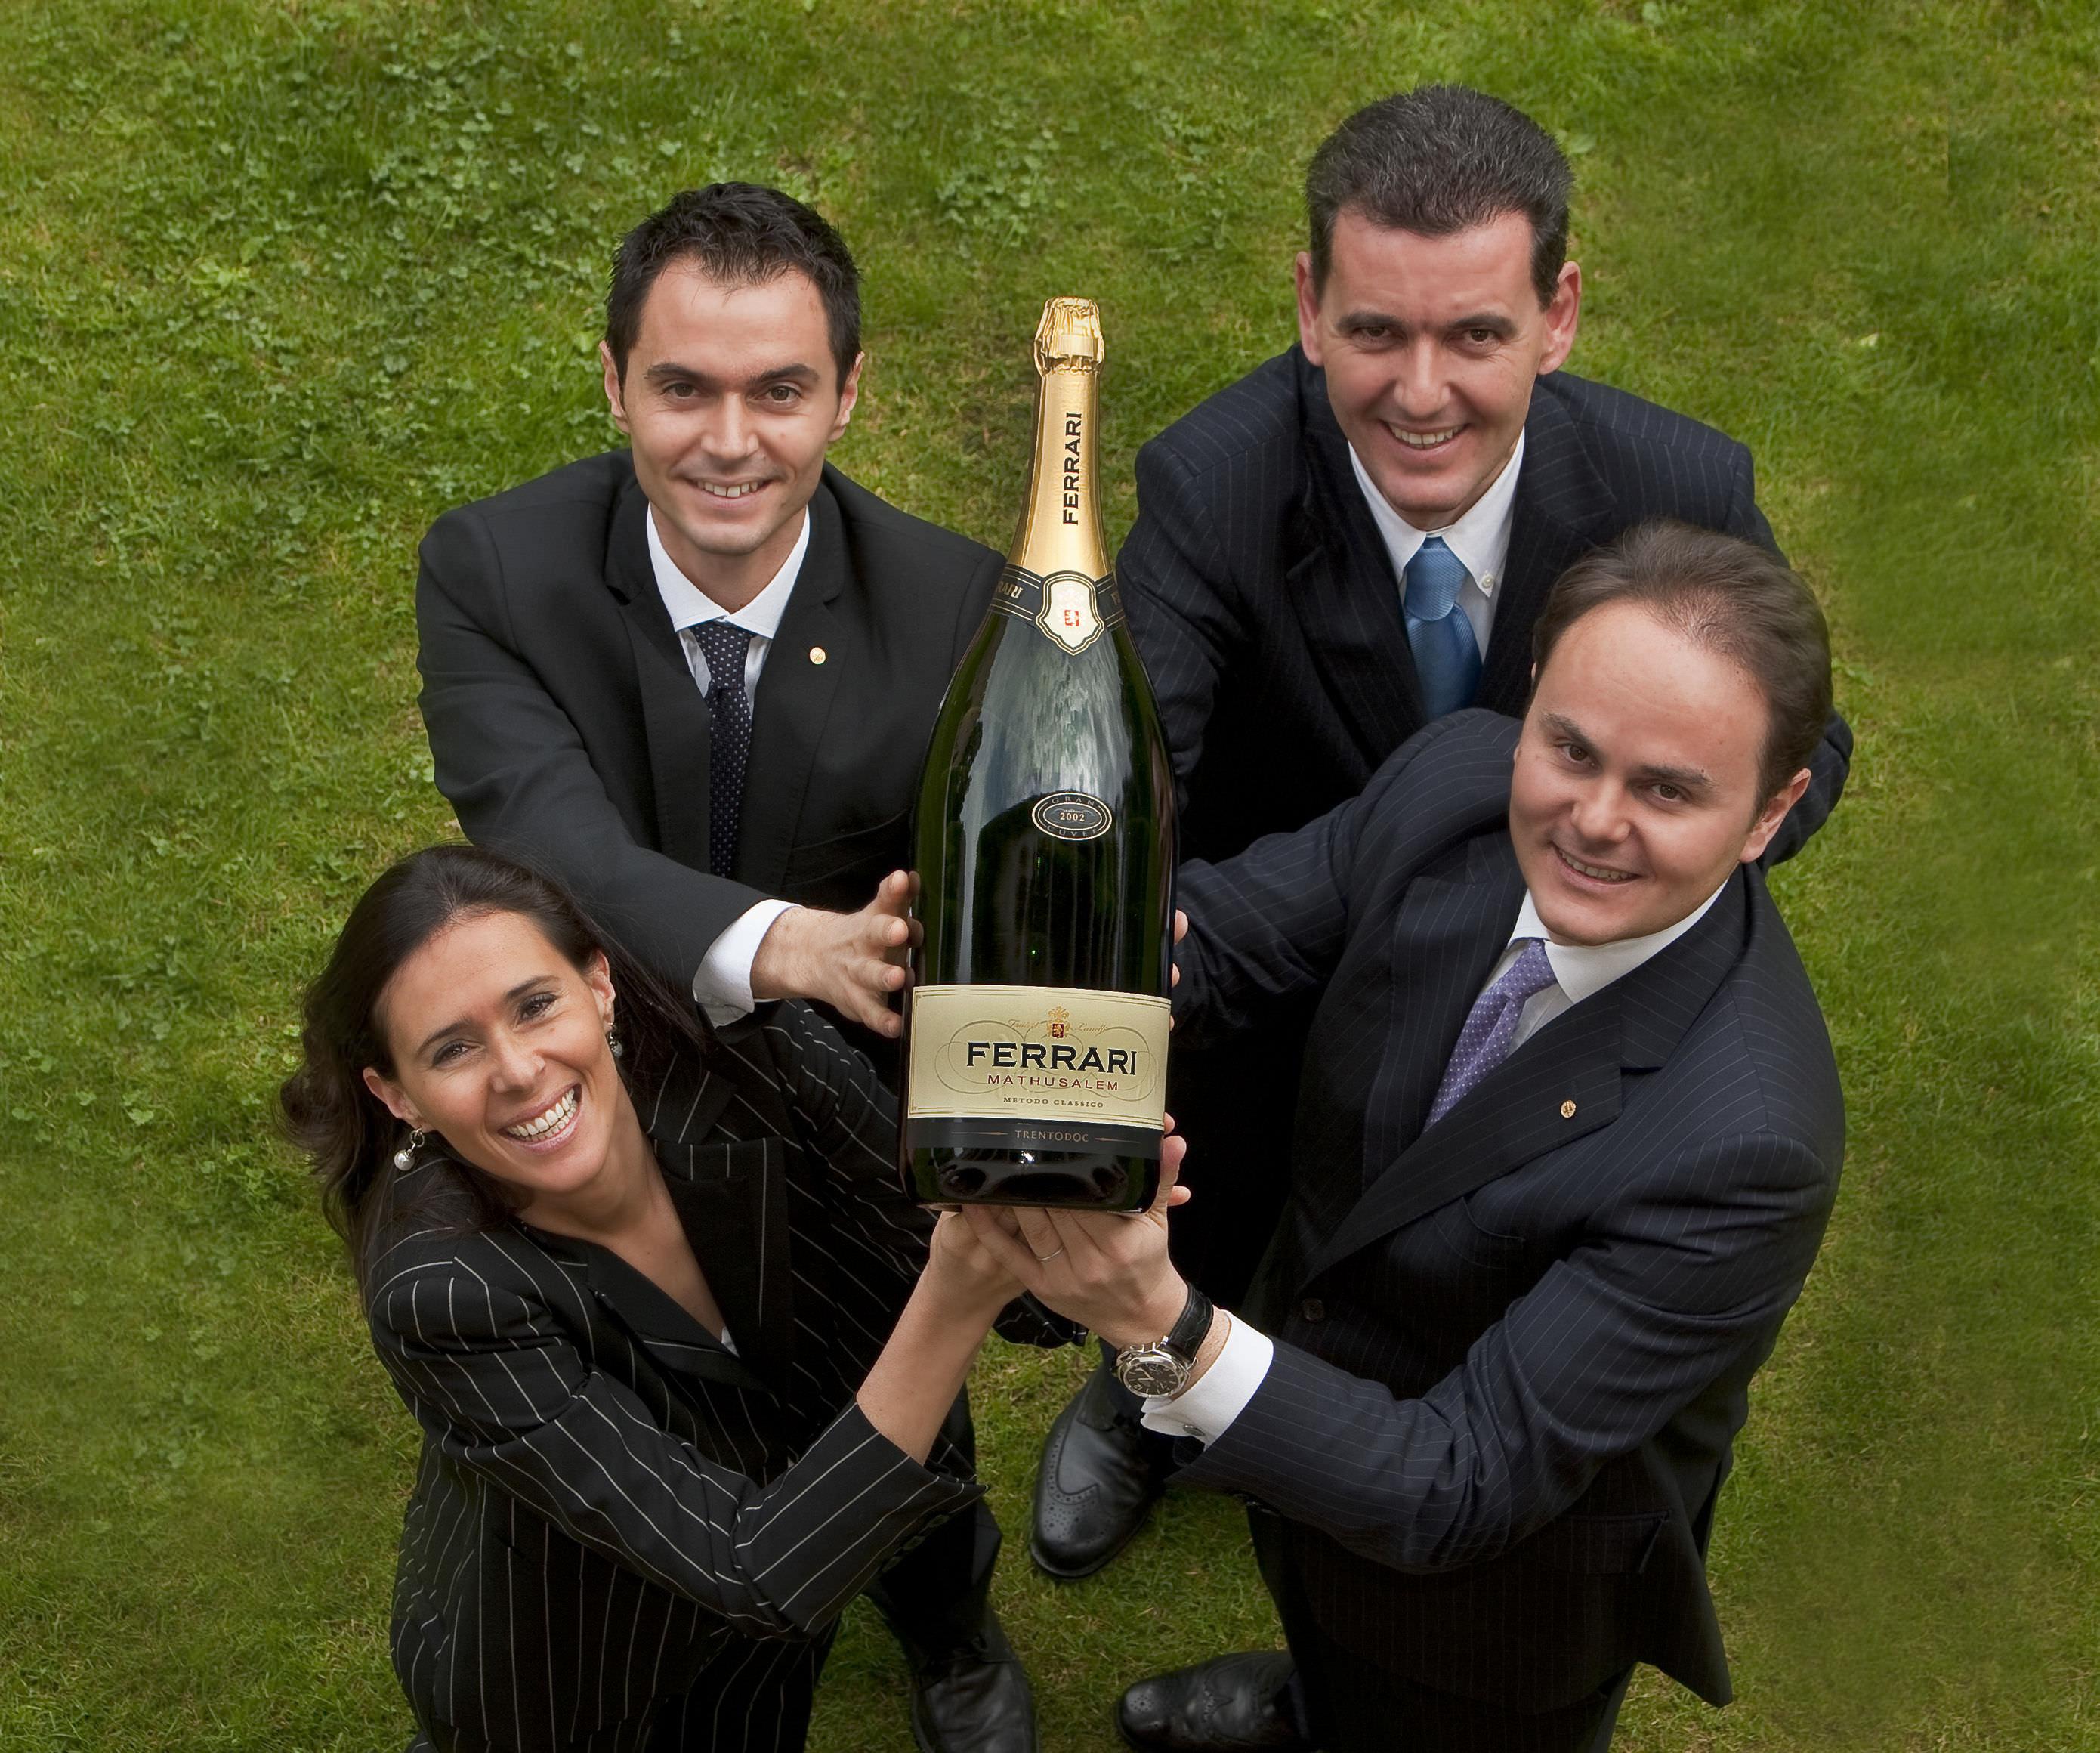 The Lunelli family: Camilla, Alessandro, Marcello and Matteo